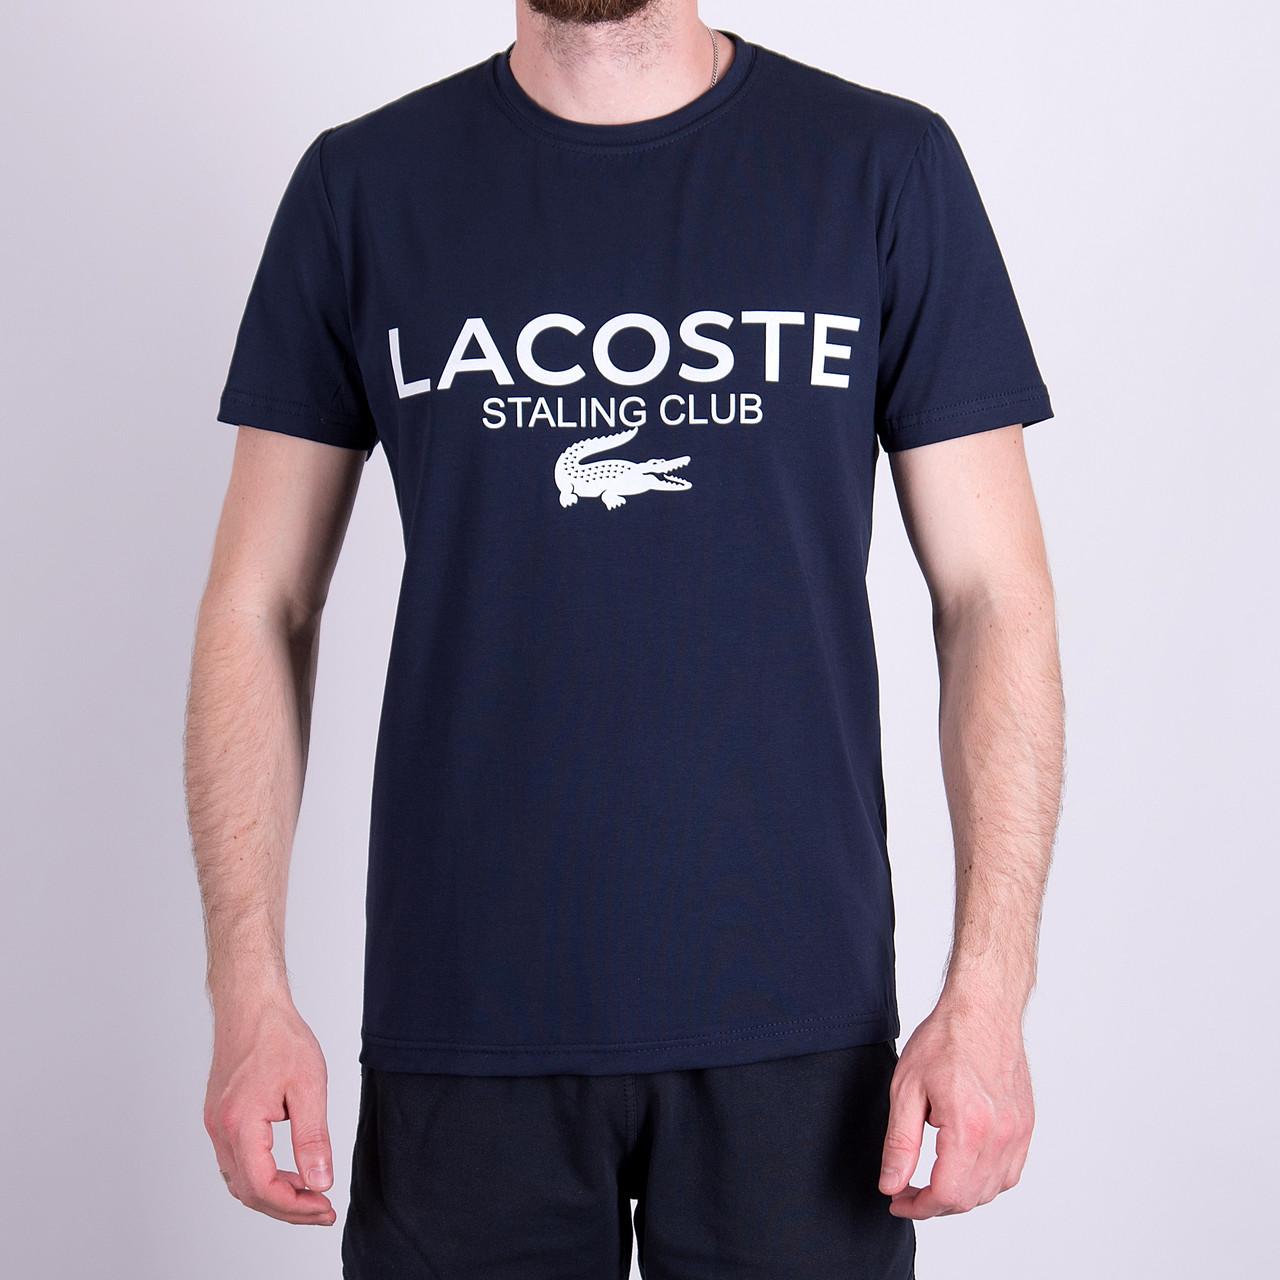 Чоловіча футболка LACOSTE, темно-синього кольору